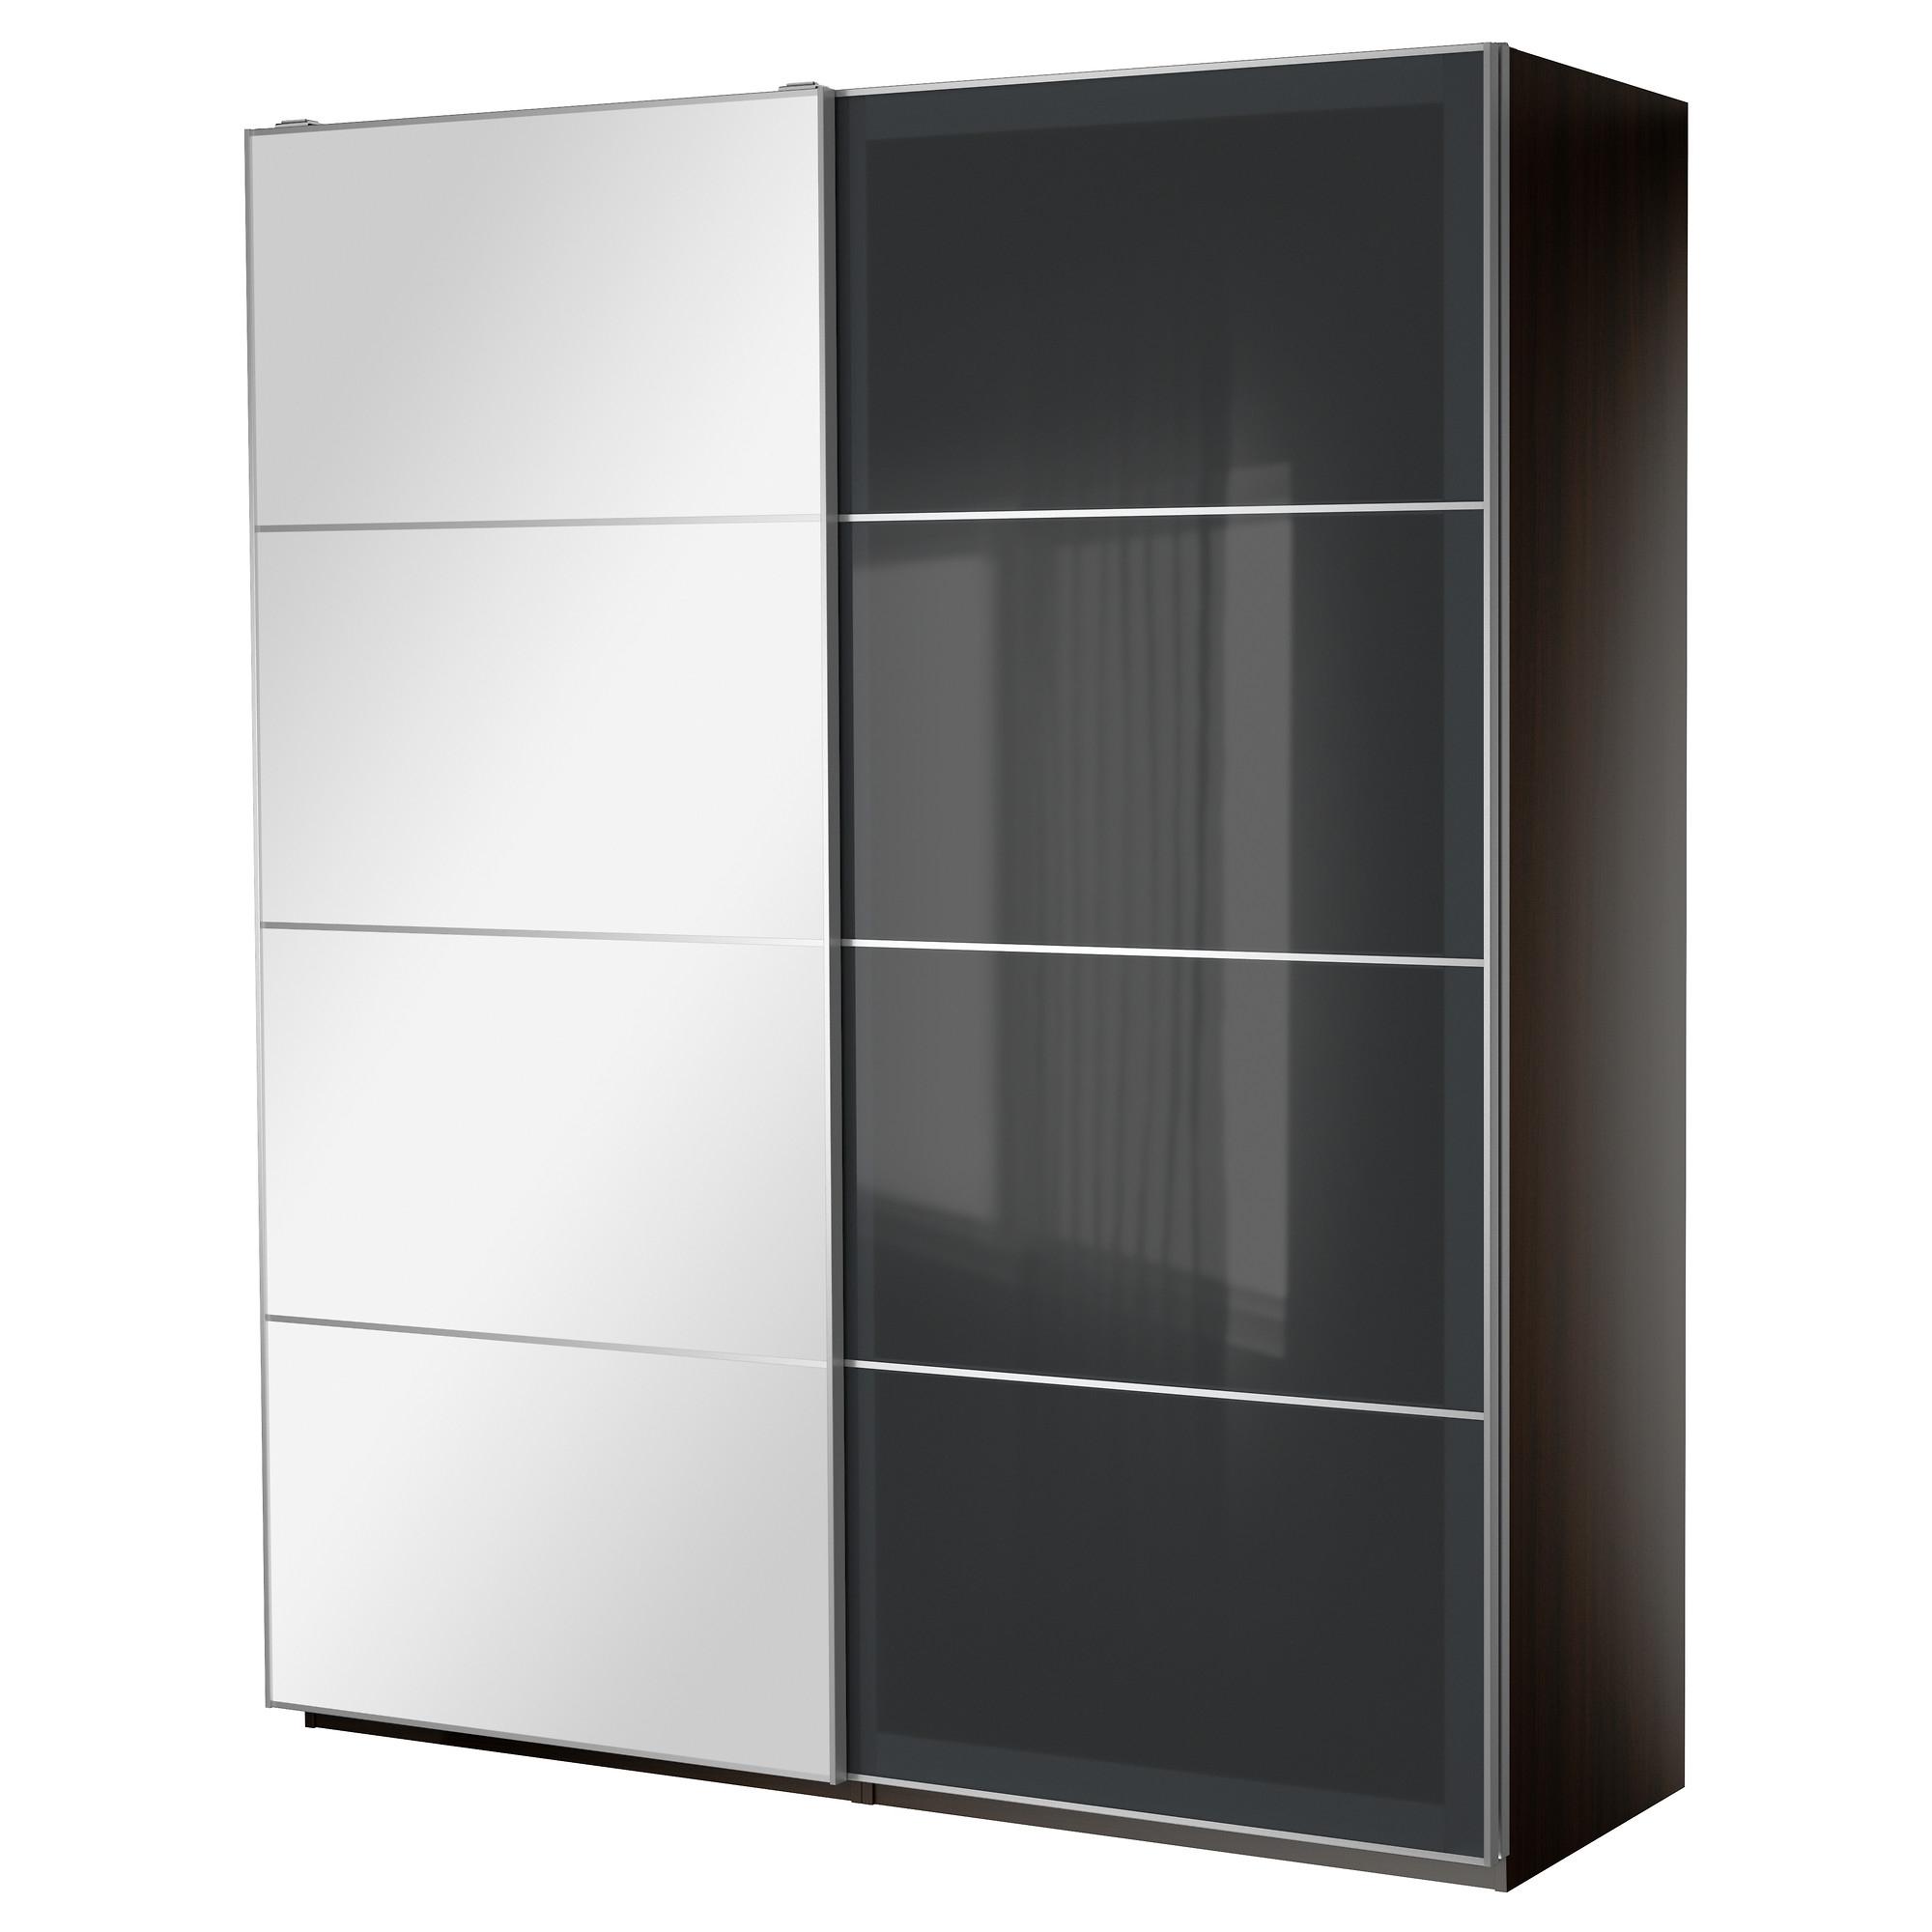 Pax armario con puertas correderas - Ikea armarios modulares ...